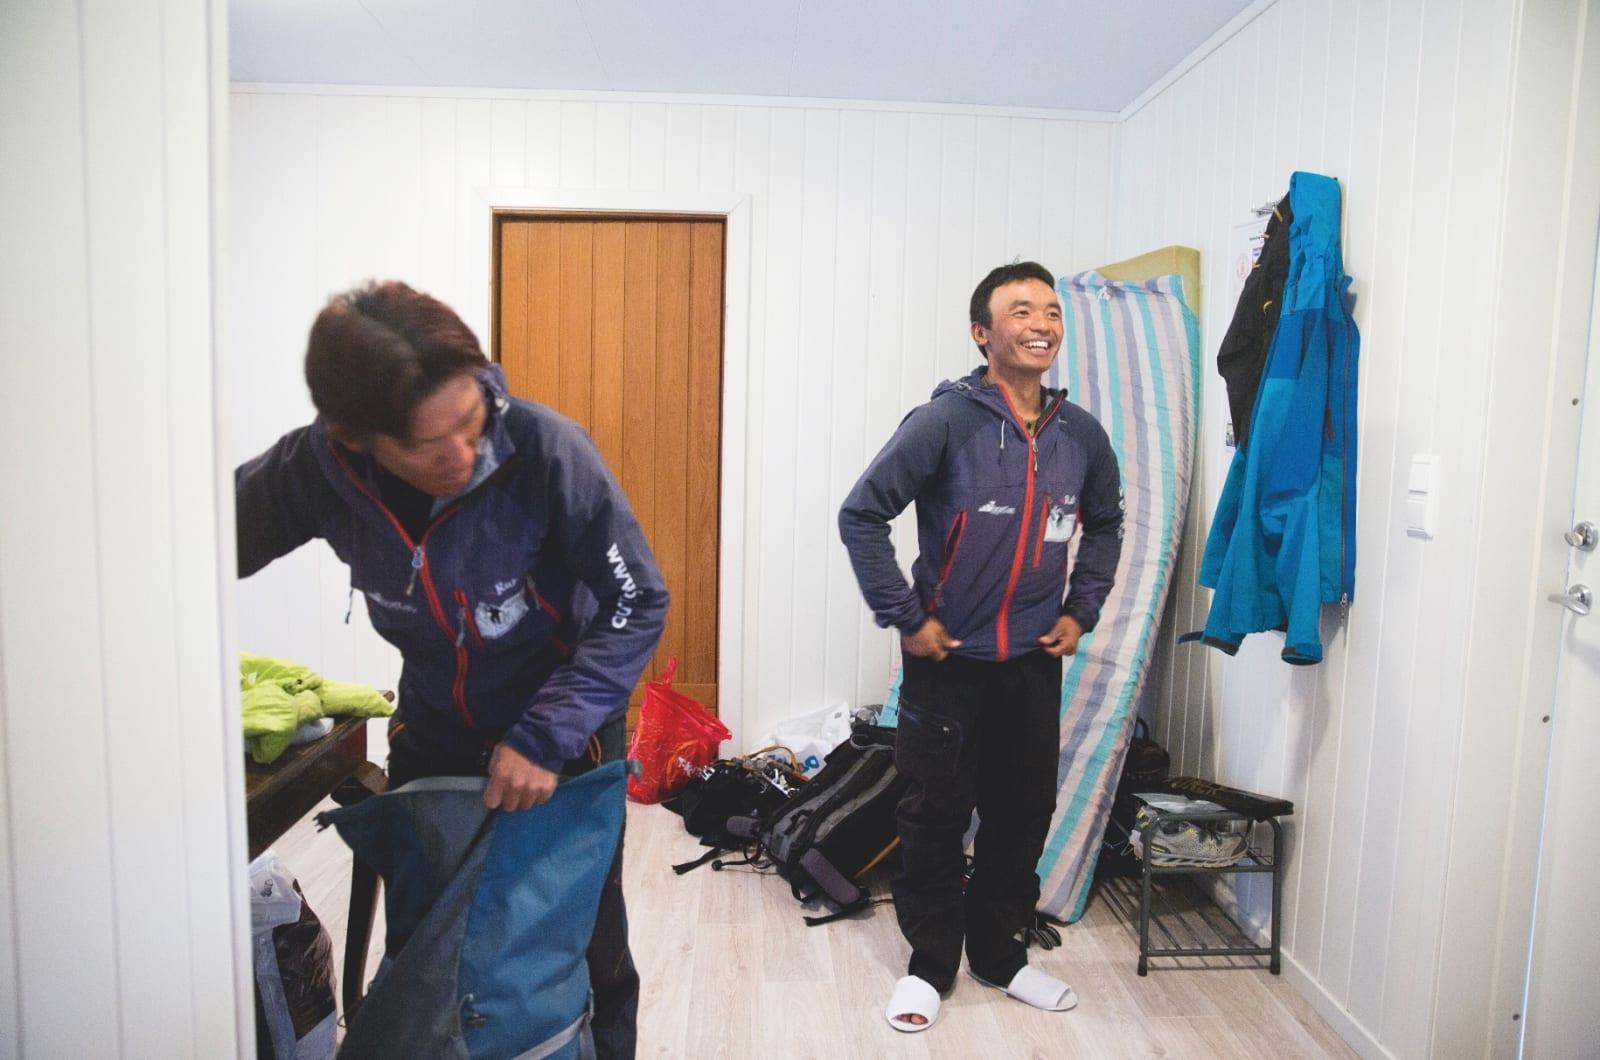 MORGON: Mingma Tsiri Sherpa og Jyamchang gjer seg klare for arbeidsdagen. Mingma (t.v.) har vore på Mount Everest heile 19 gonger.